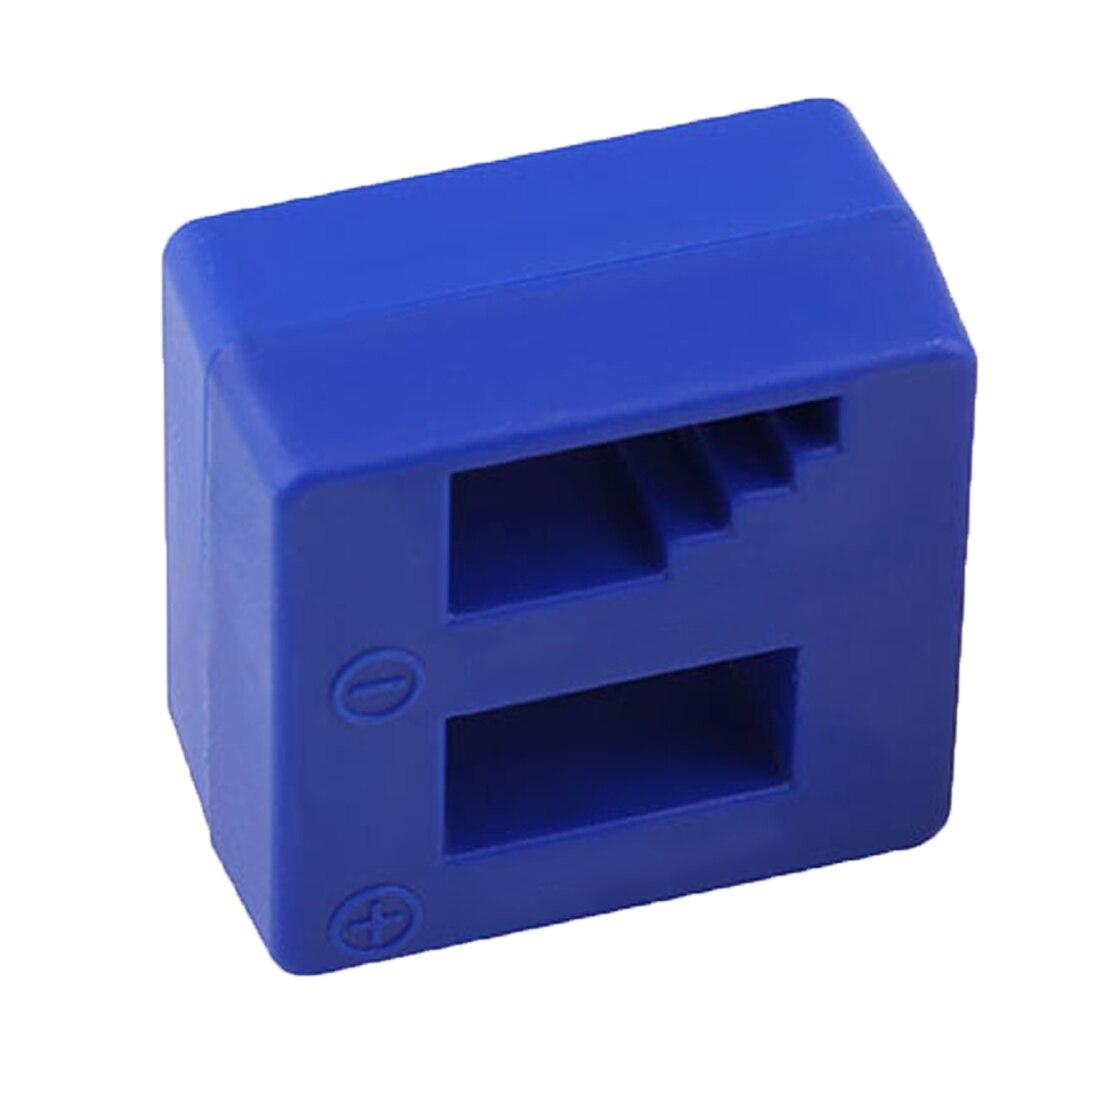 Magnetizer Demagnetize Tool Screwdriver Magnetic Pick Up Tool Screwdriver Quickly Add Magnetic